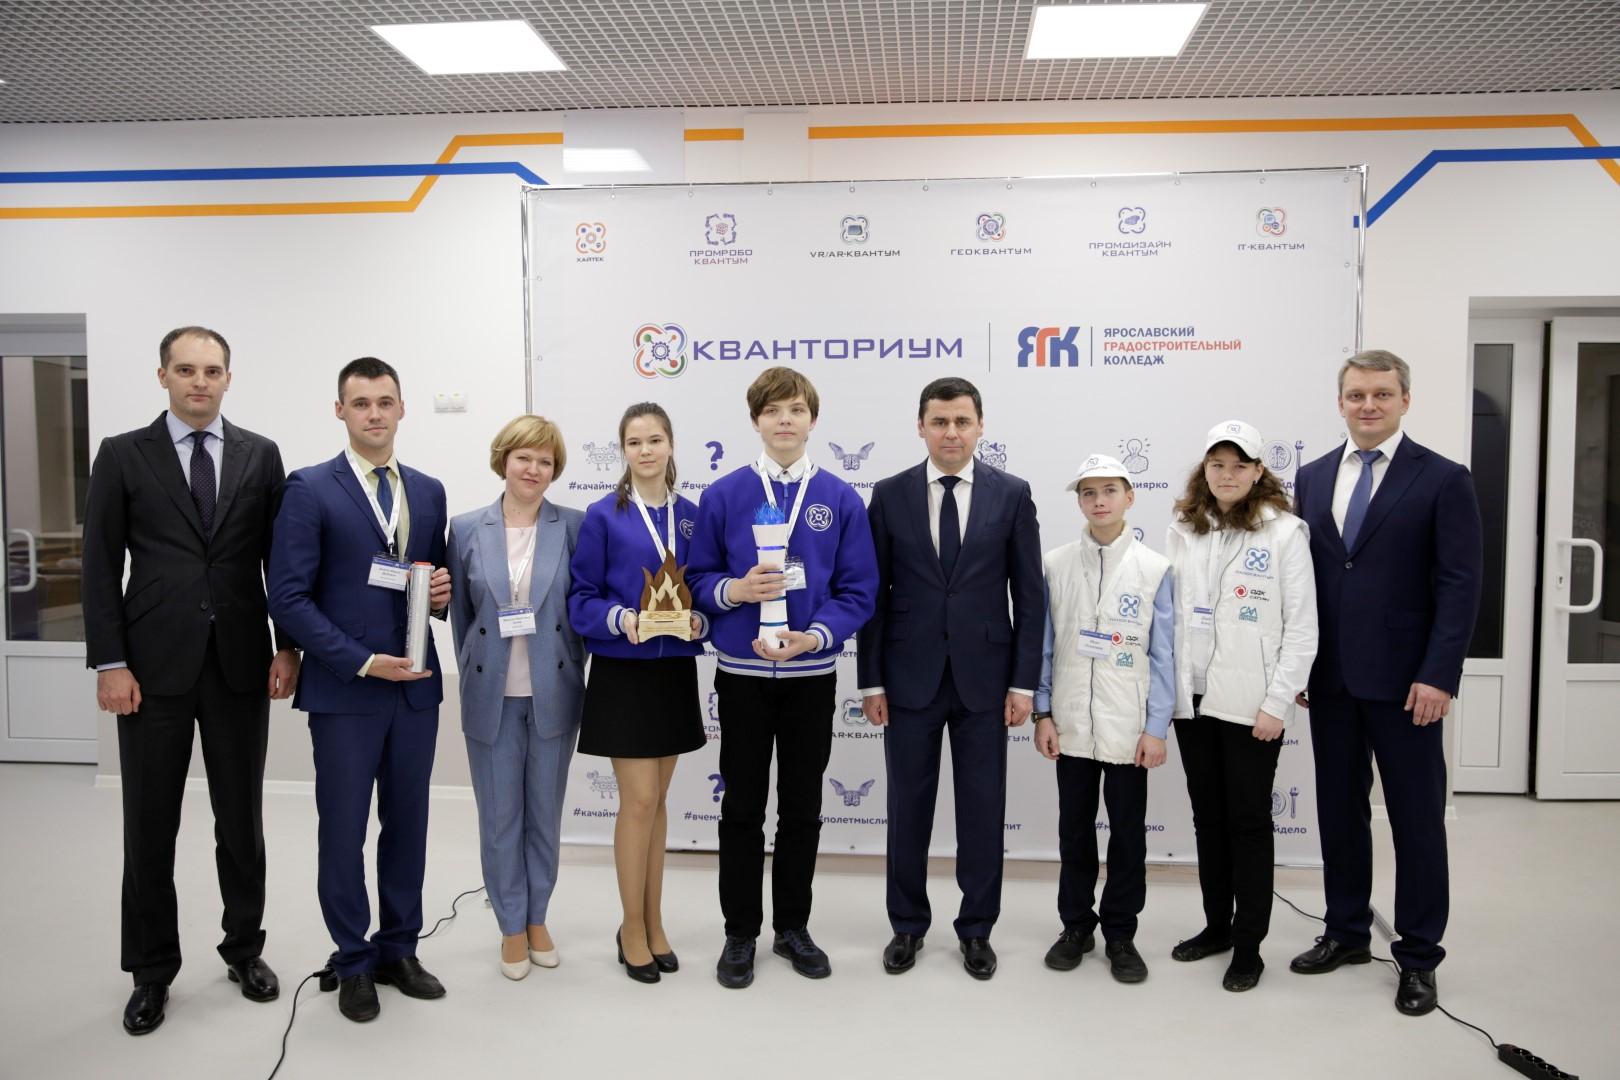 Роботы и виртуальная реальность: в Ярославле открыли современный детский технопарк